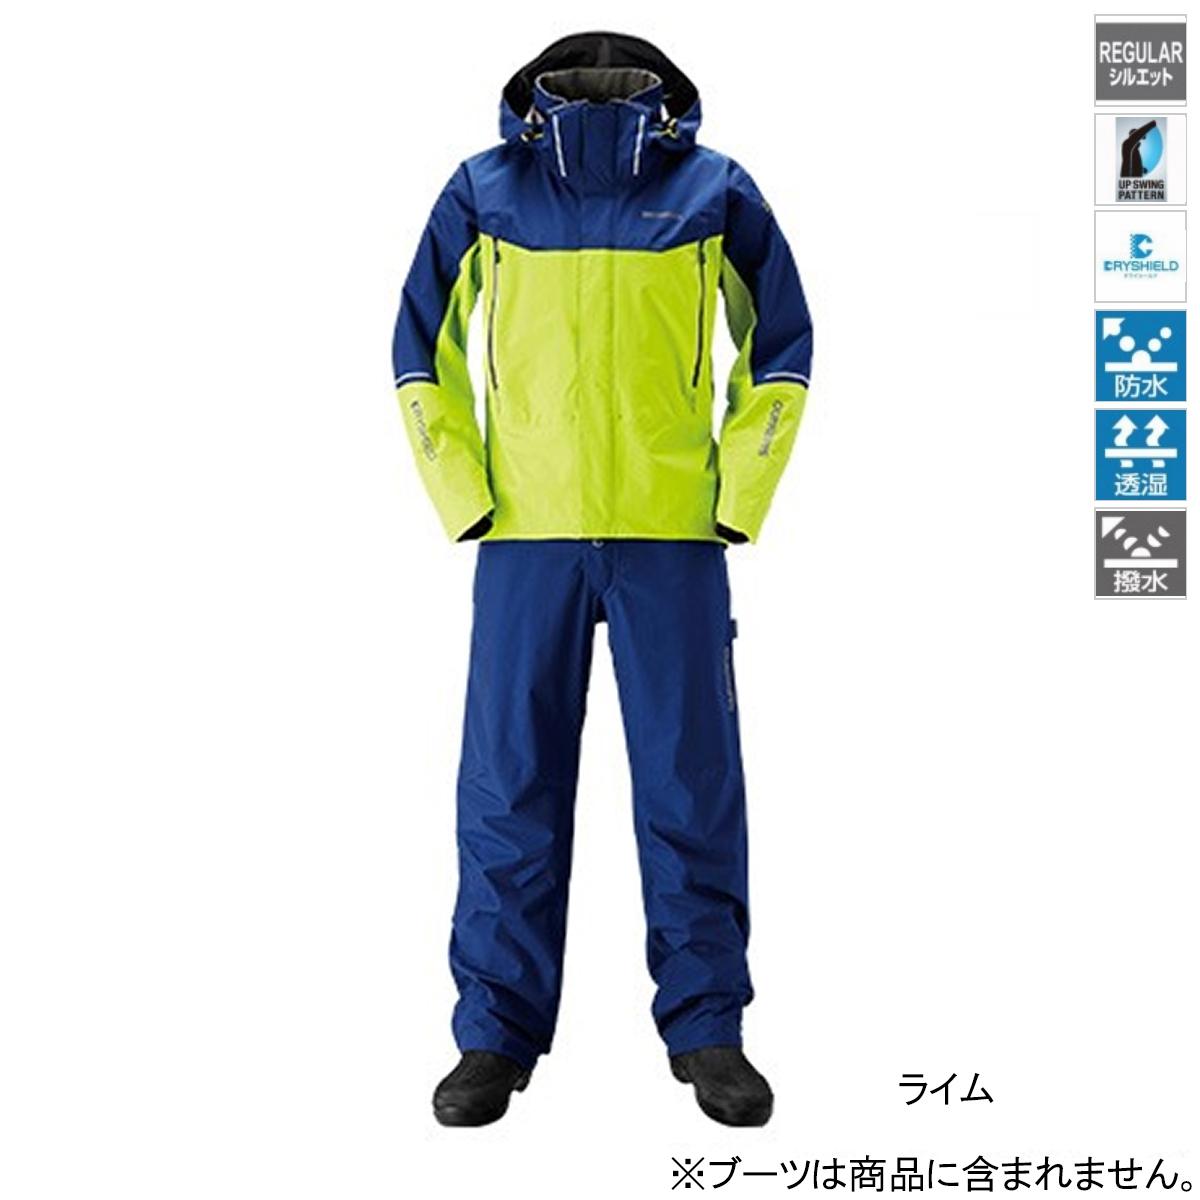 シマノ DSアドバンススーツ RA-025S XL ライム